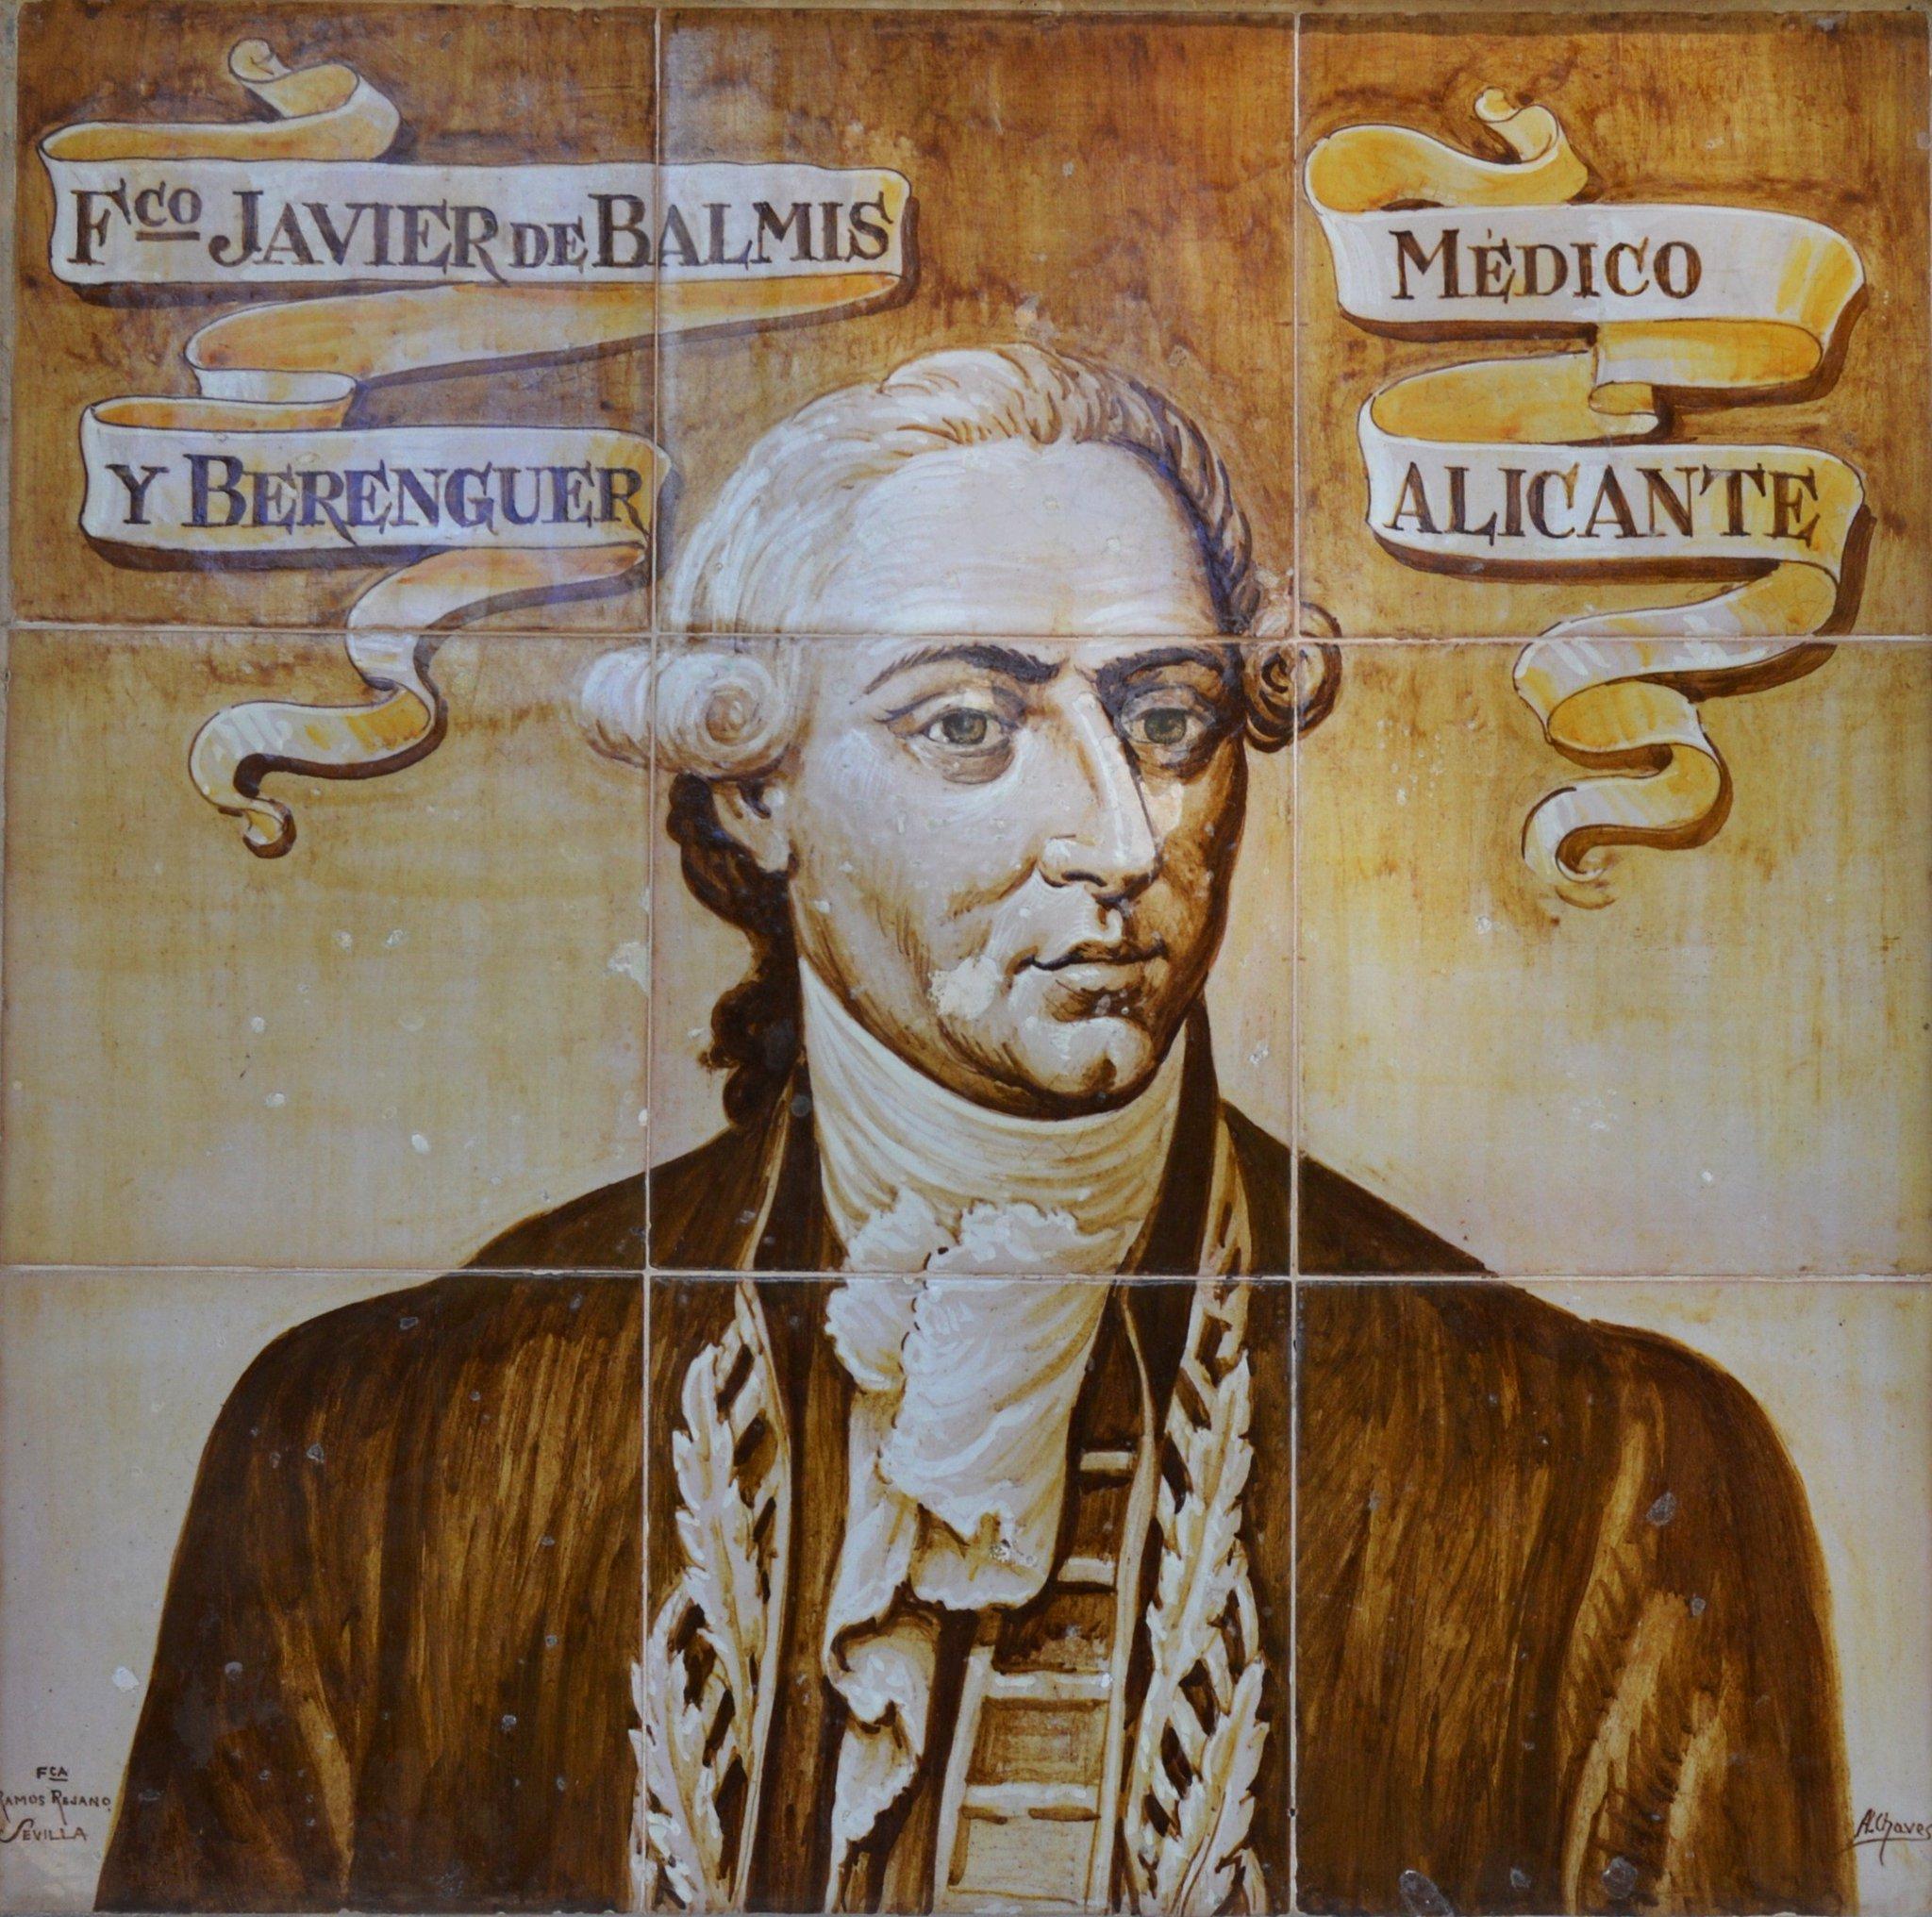 Francisco Xavier Balmis (1753-1819) médico cirujano de la corte de Carlos IV #22ángeles https://t.co/aVFyP6KvmA